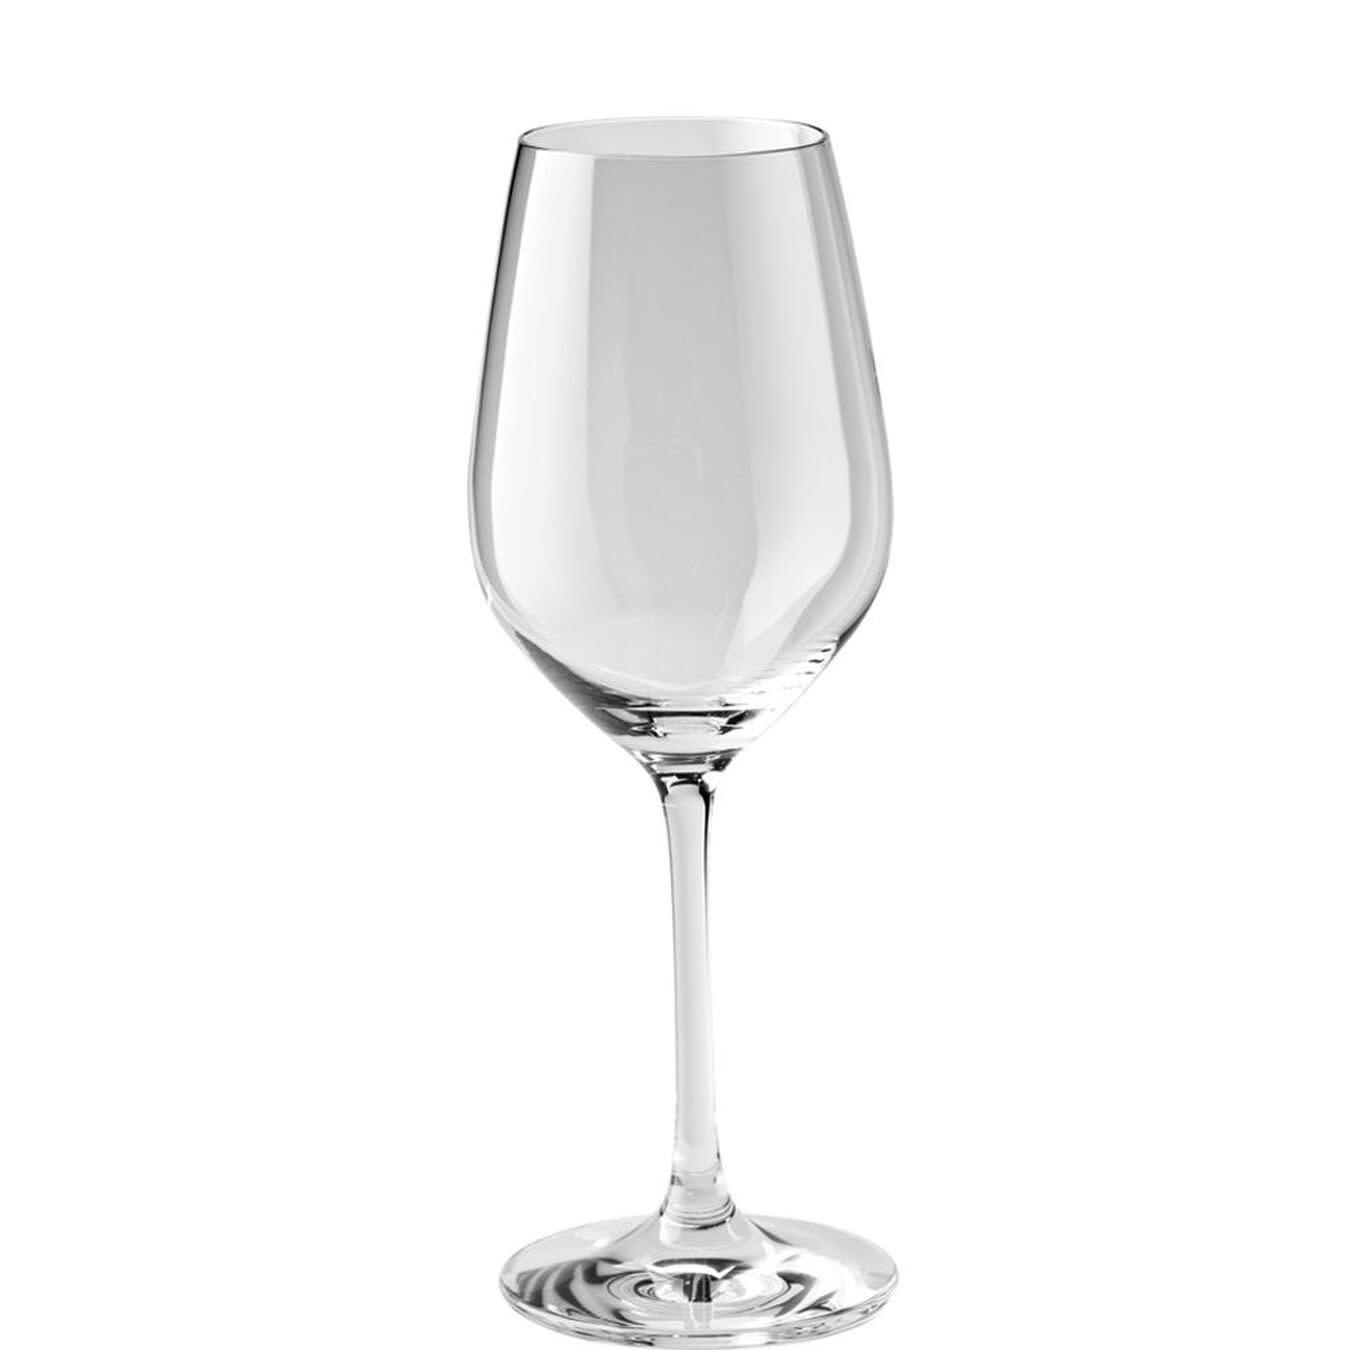 Zwilling J.A. Henckels Predicat S/6 White Wine Glasses 279ml /9.4oz